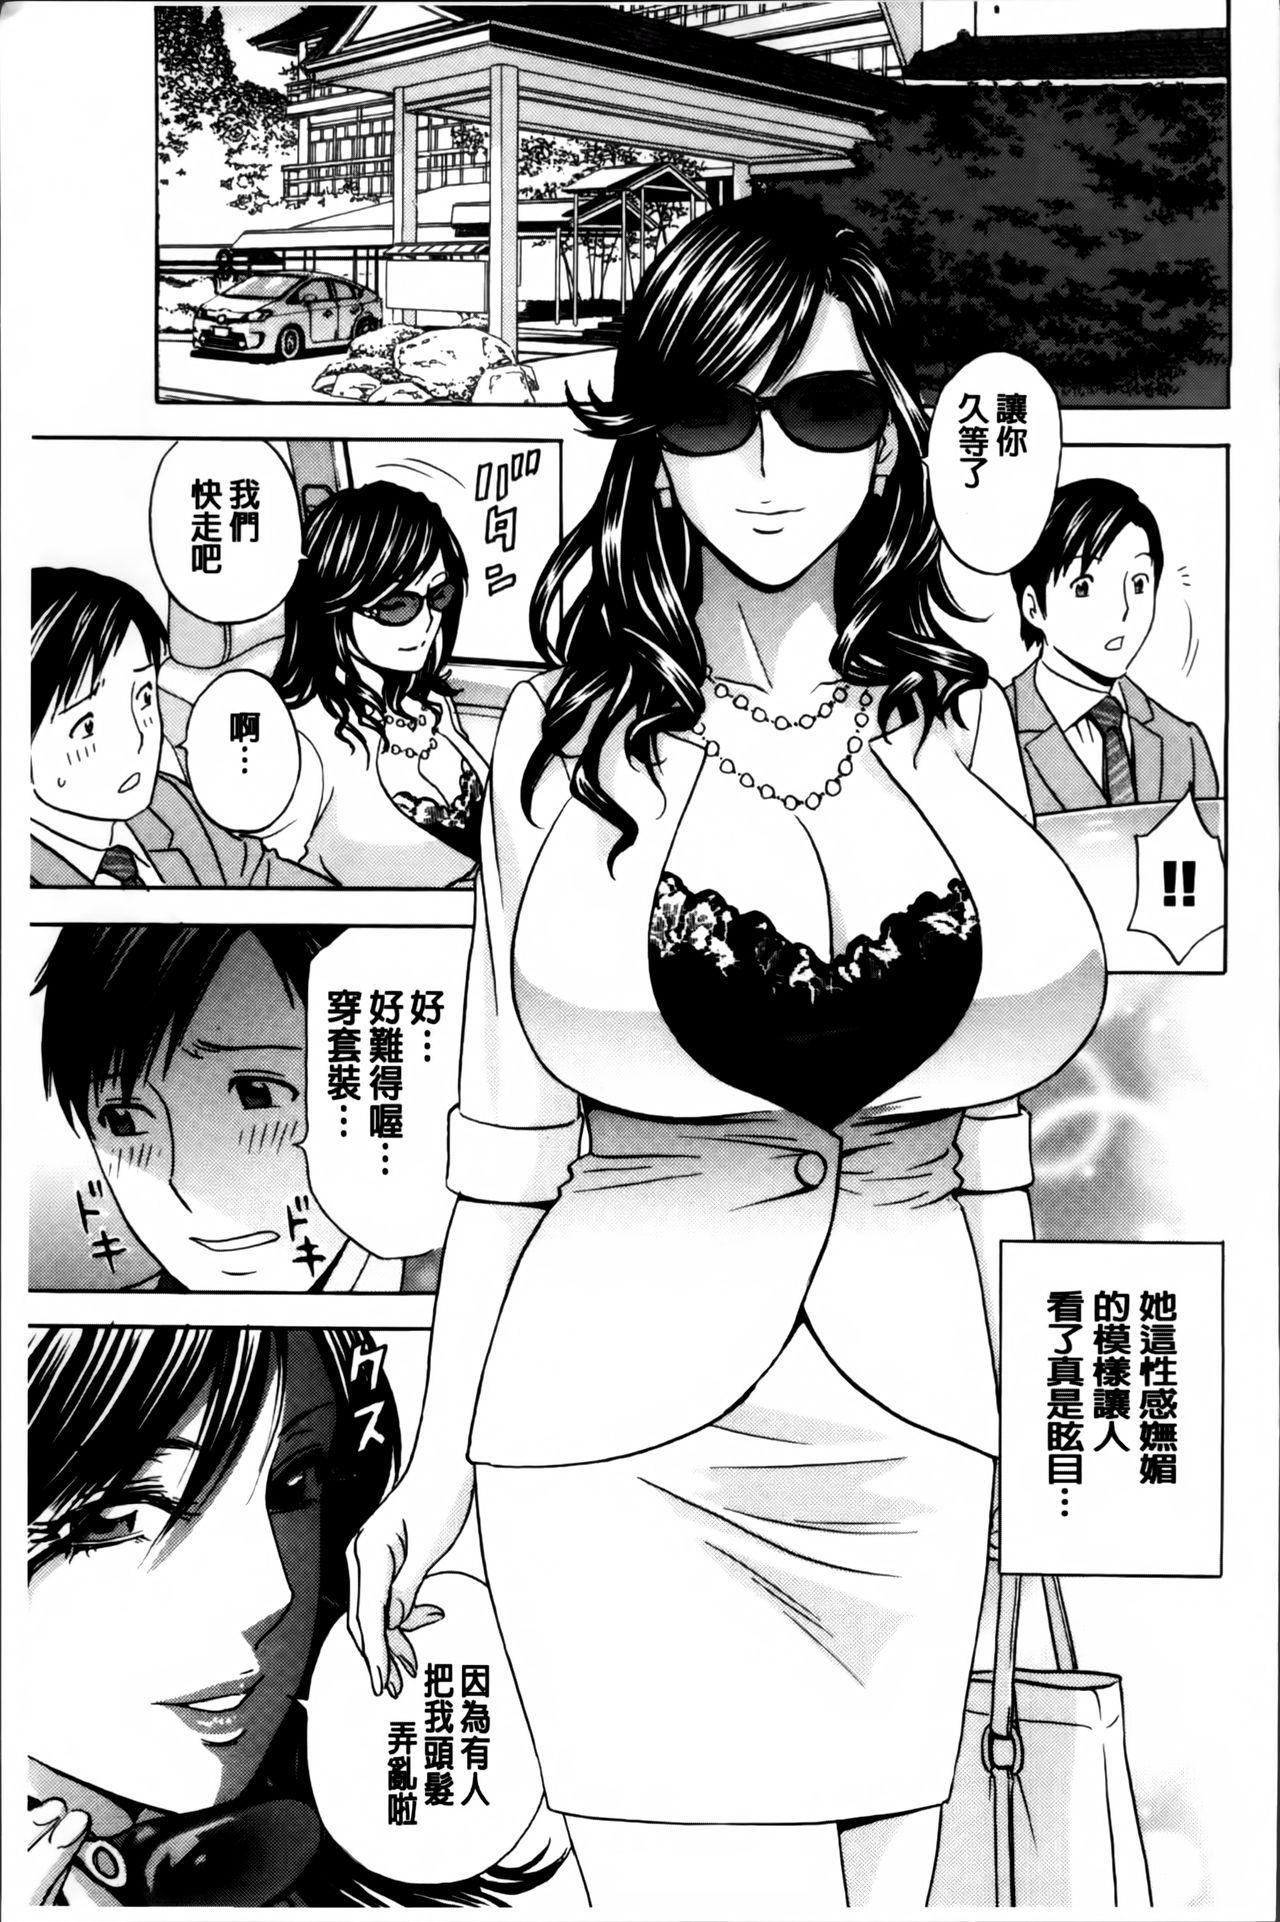 Midara Shimai Asobi 51